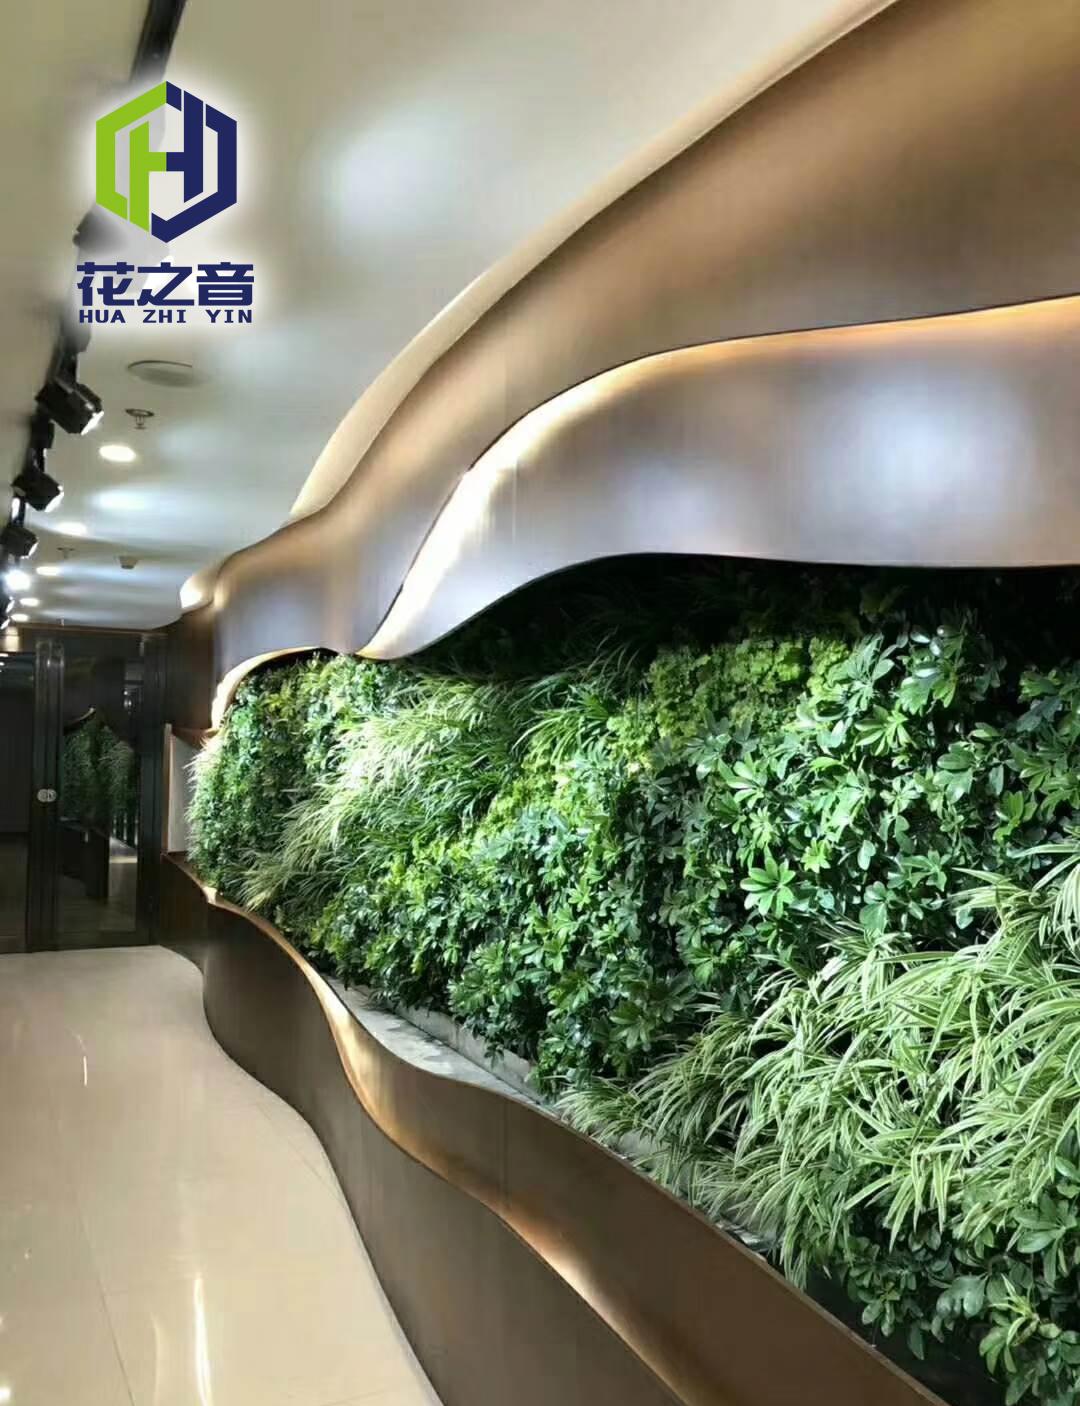 豪生大酒店贵宾入口垂直绿化